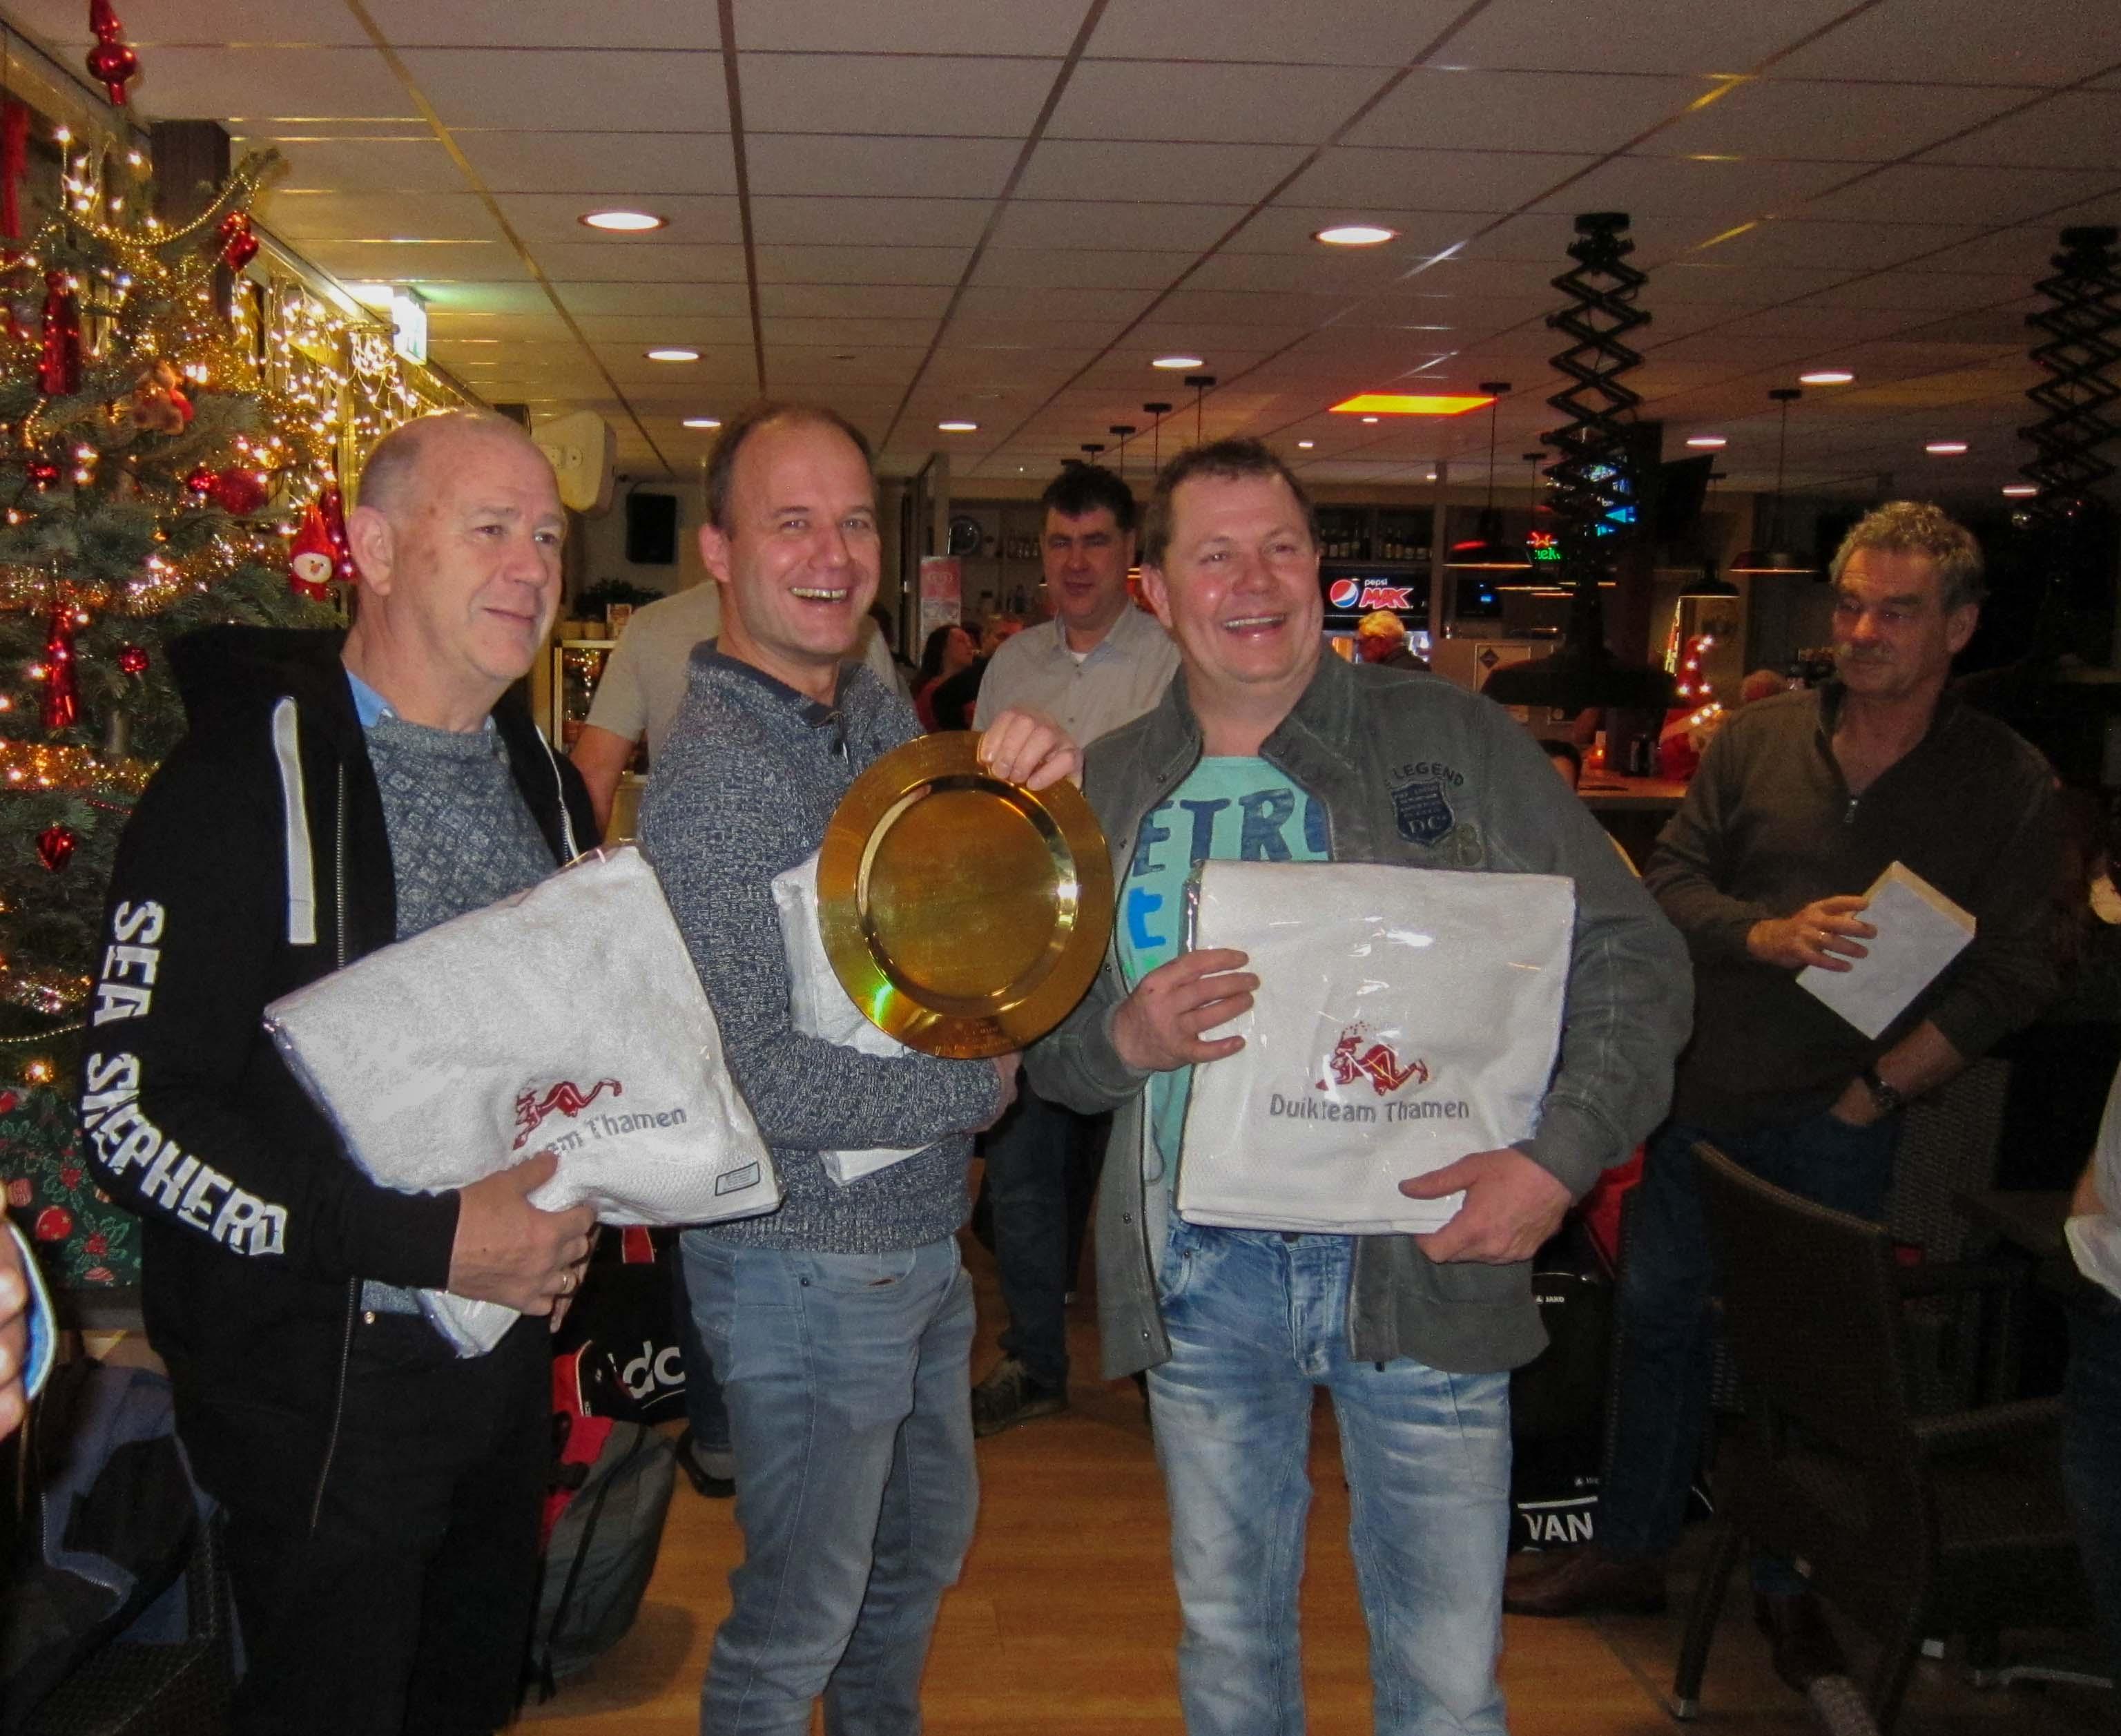 Jan, Ard en Niels, winnaars 2017